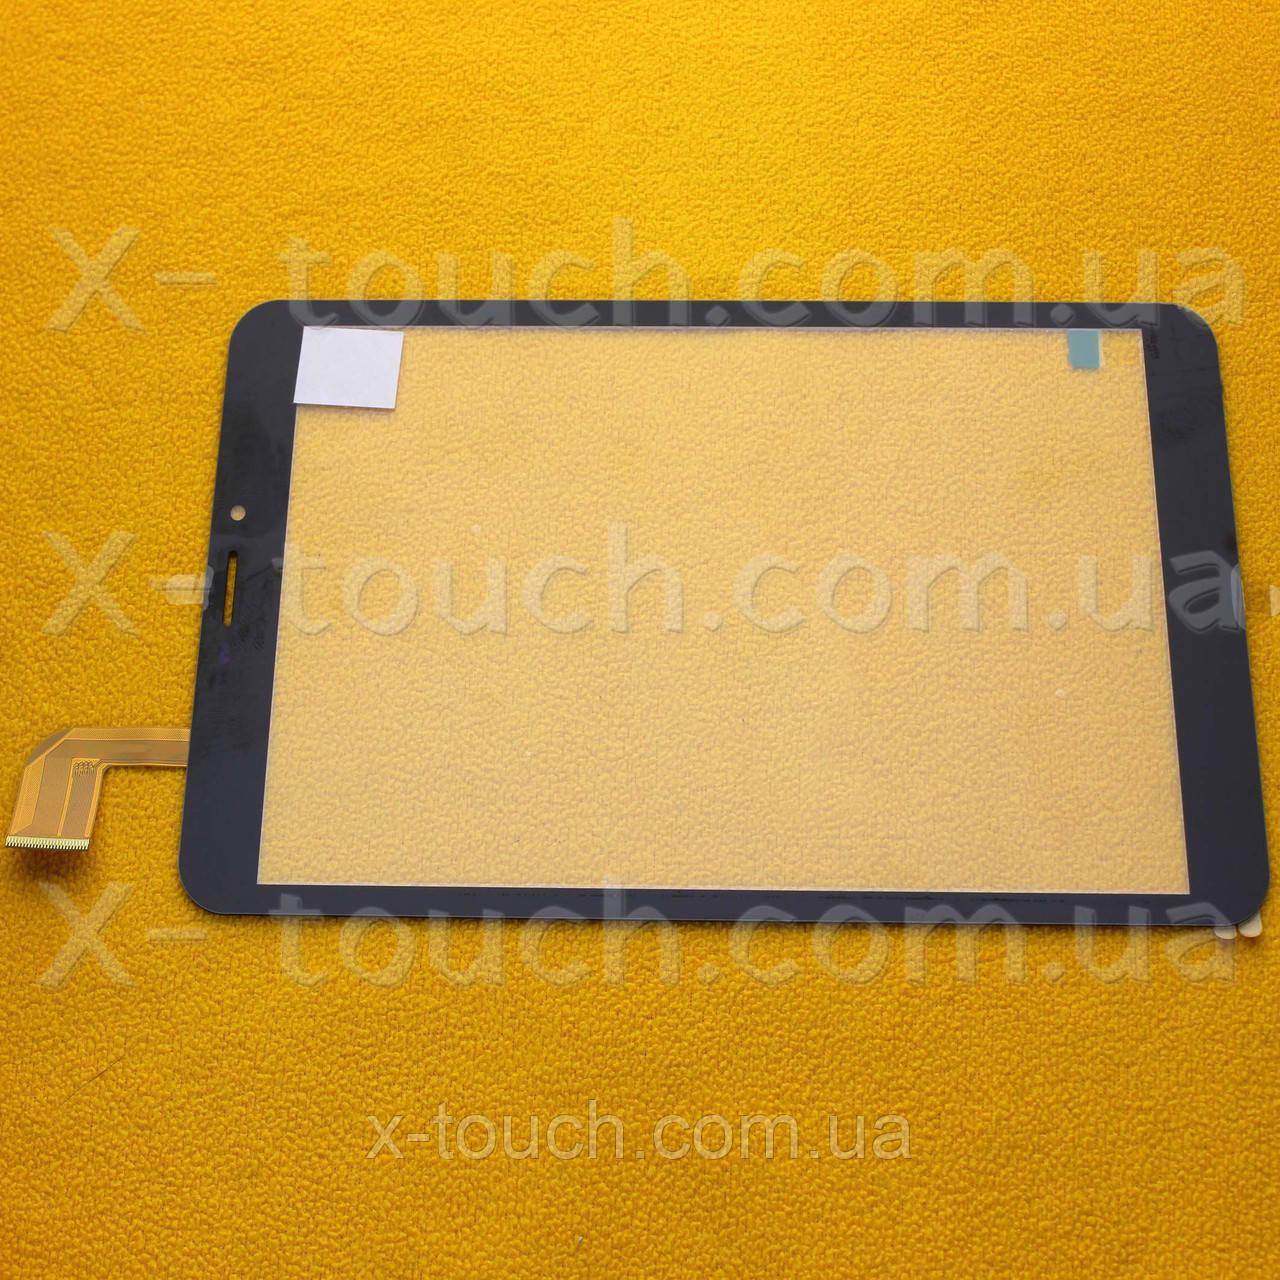 Тачскрін, сенсор Digma Optima 8002 3G для планшета